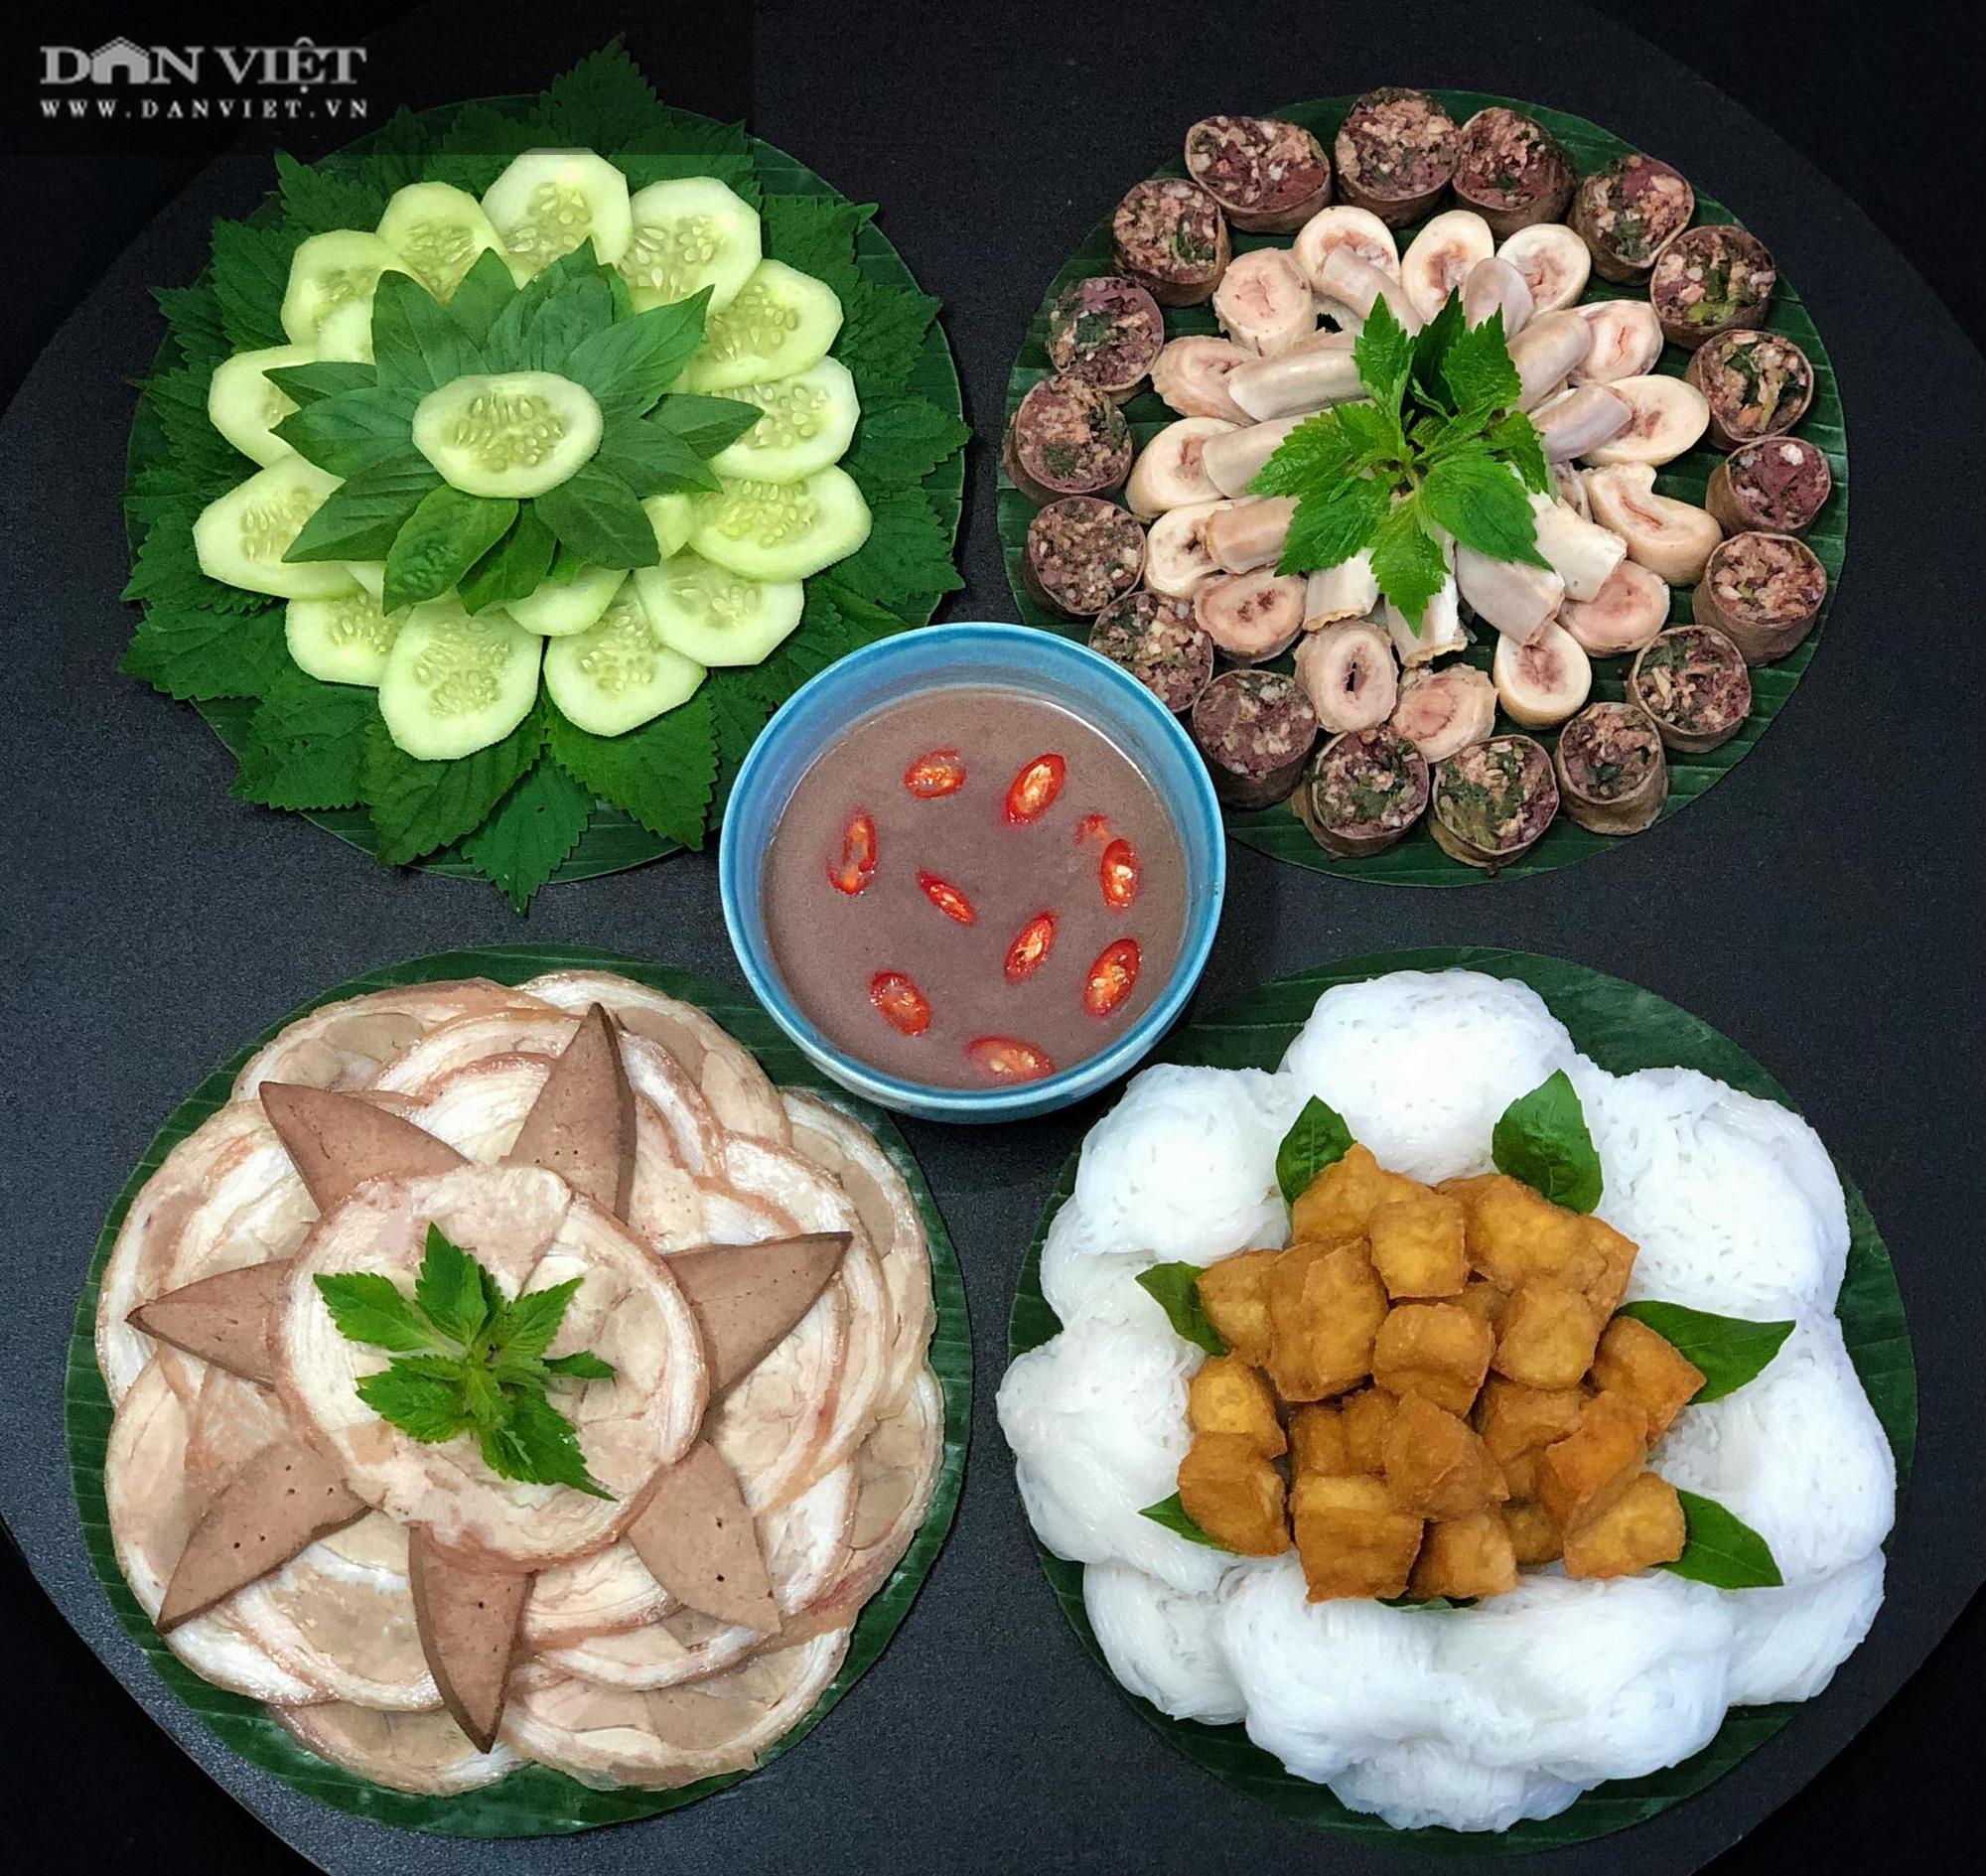 Mẹ đảm Hà thành gợi ý thực đơn cơm nhà đẹp mắt, đủ dinh dưỡng - Ảnh 8.